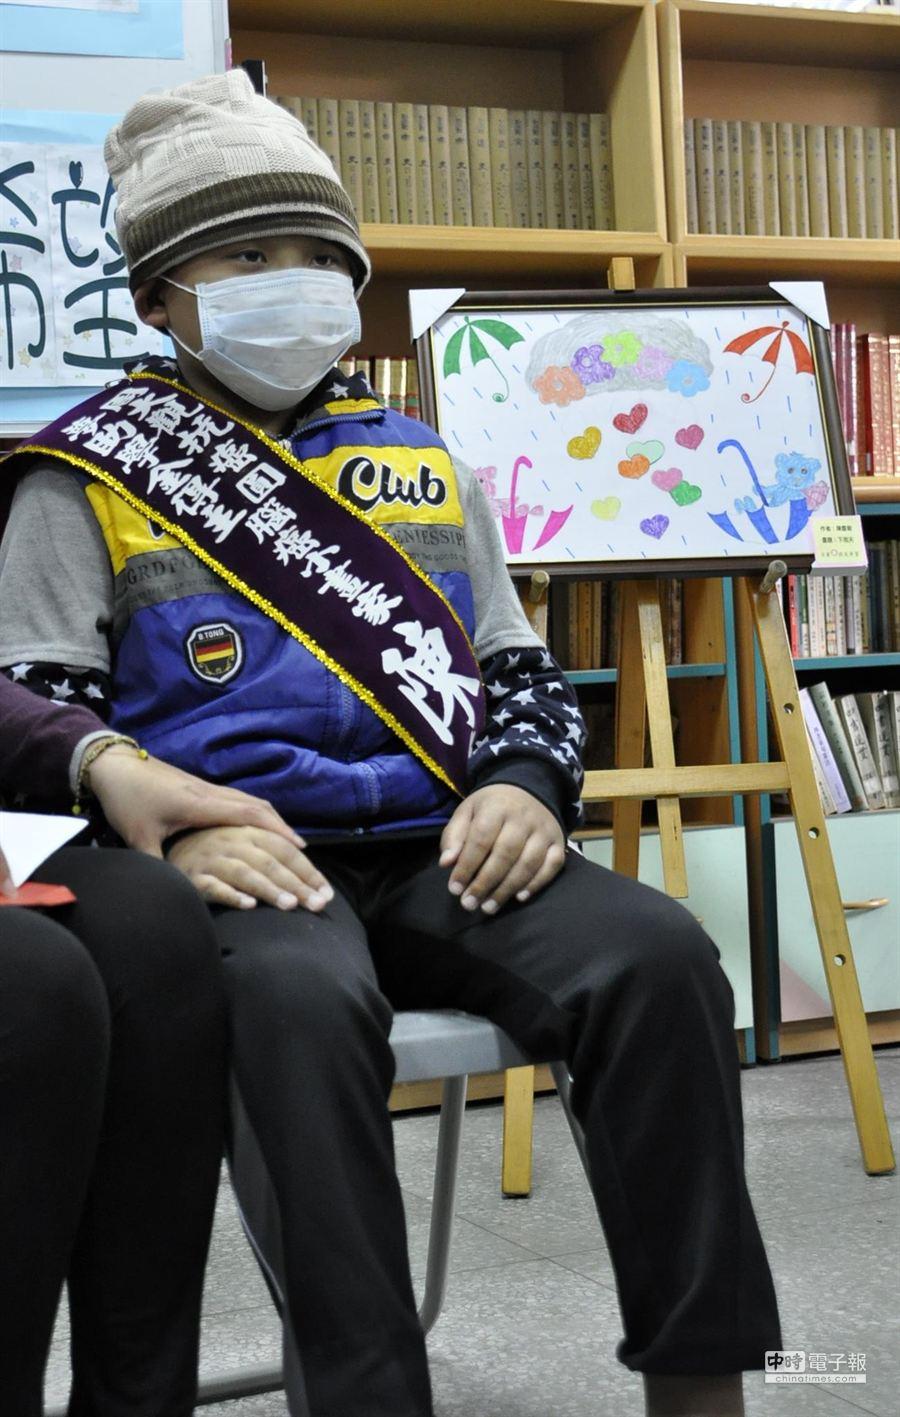 大竹國小5年級生陳慶毅,19獲獲周大觀基金會頒發2萬助學金。(楊明峰攝)